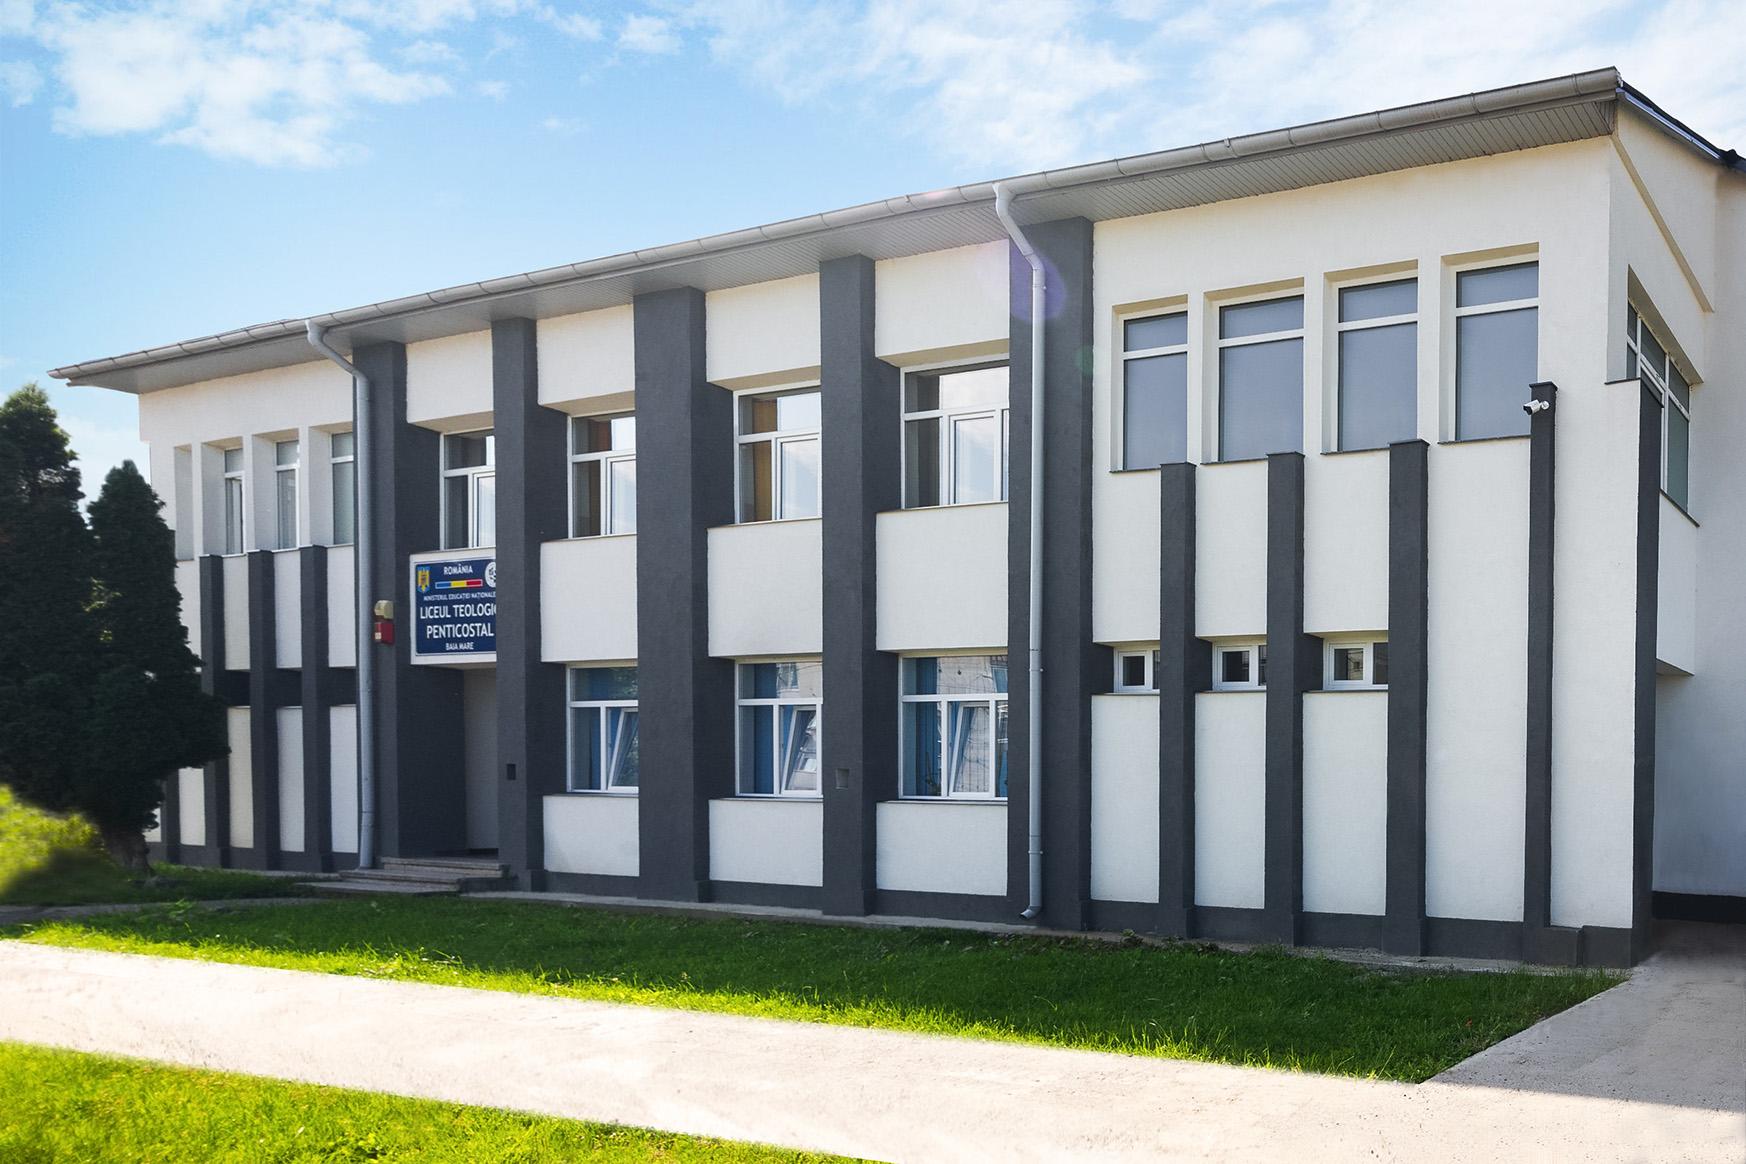 Liceul Teologic Penticostal - Baia Mare